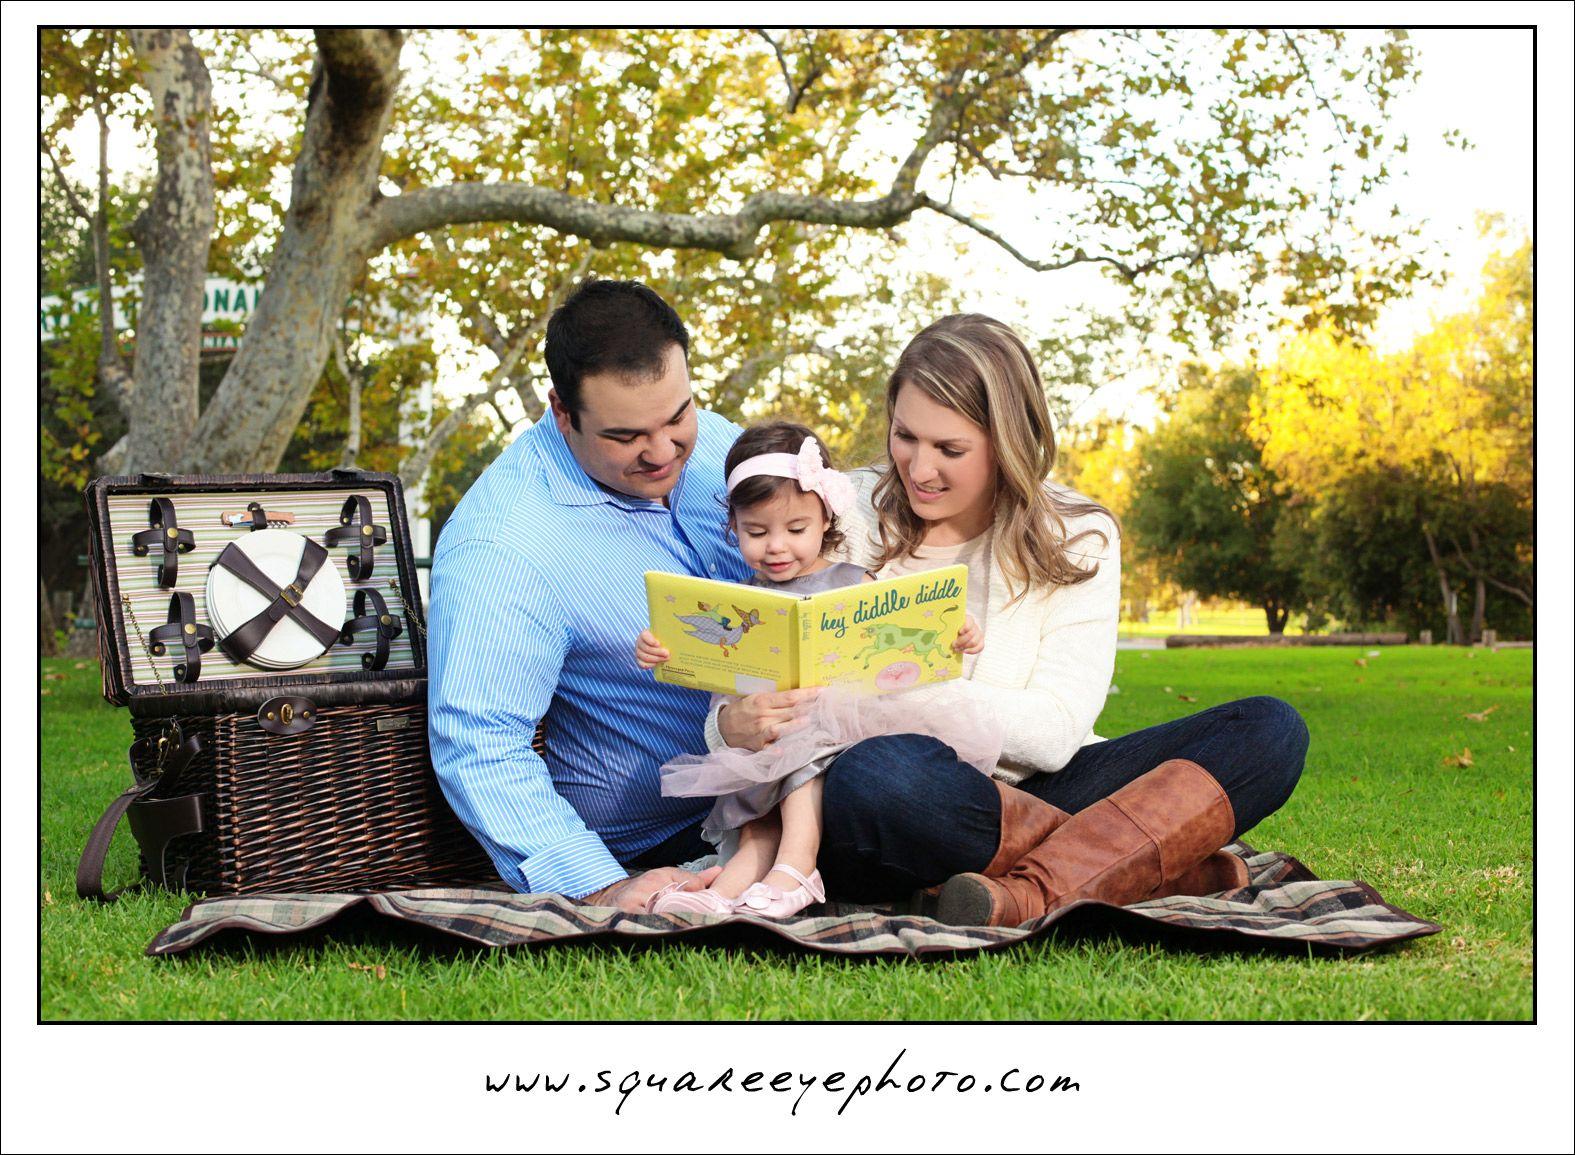 Outdoor Family Photo Shoot Ideas 1 year girl pho...